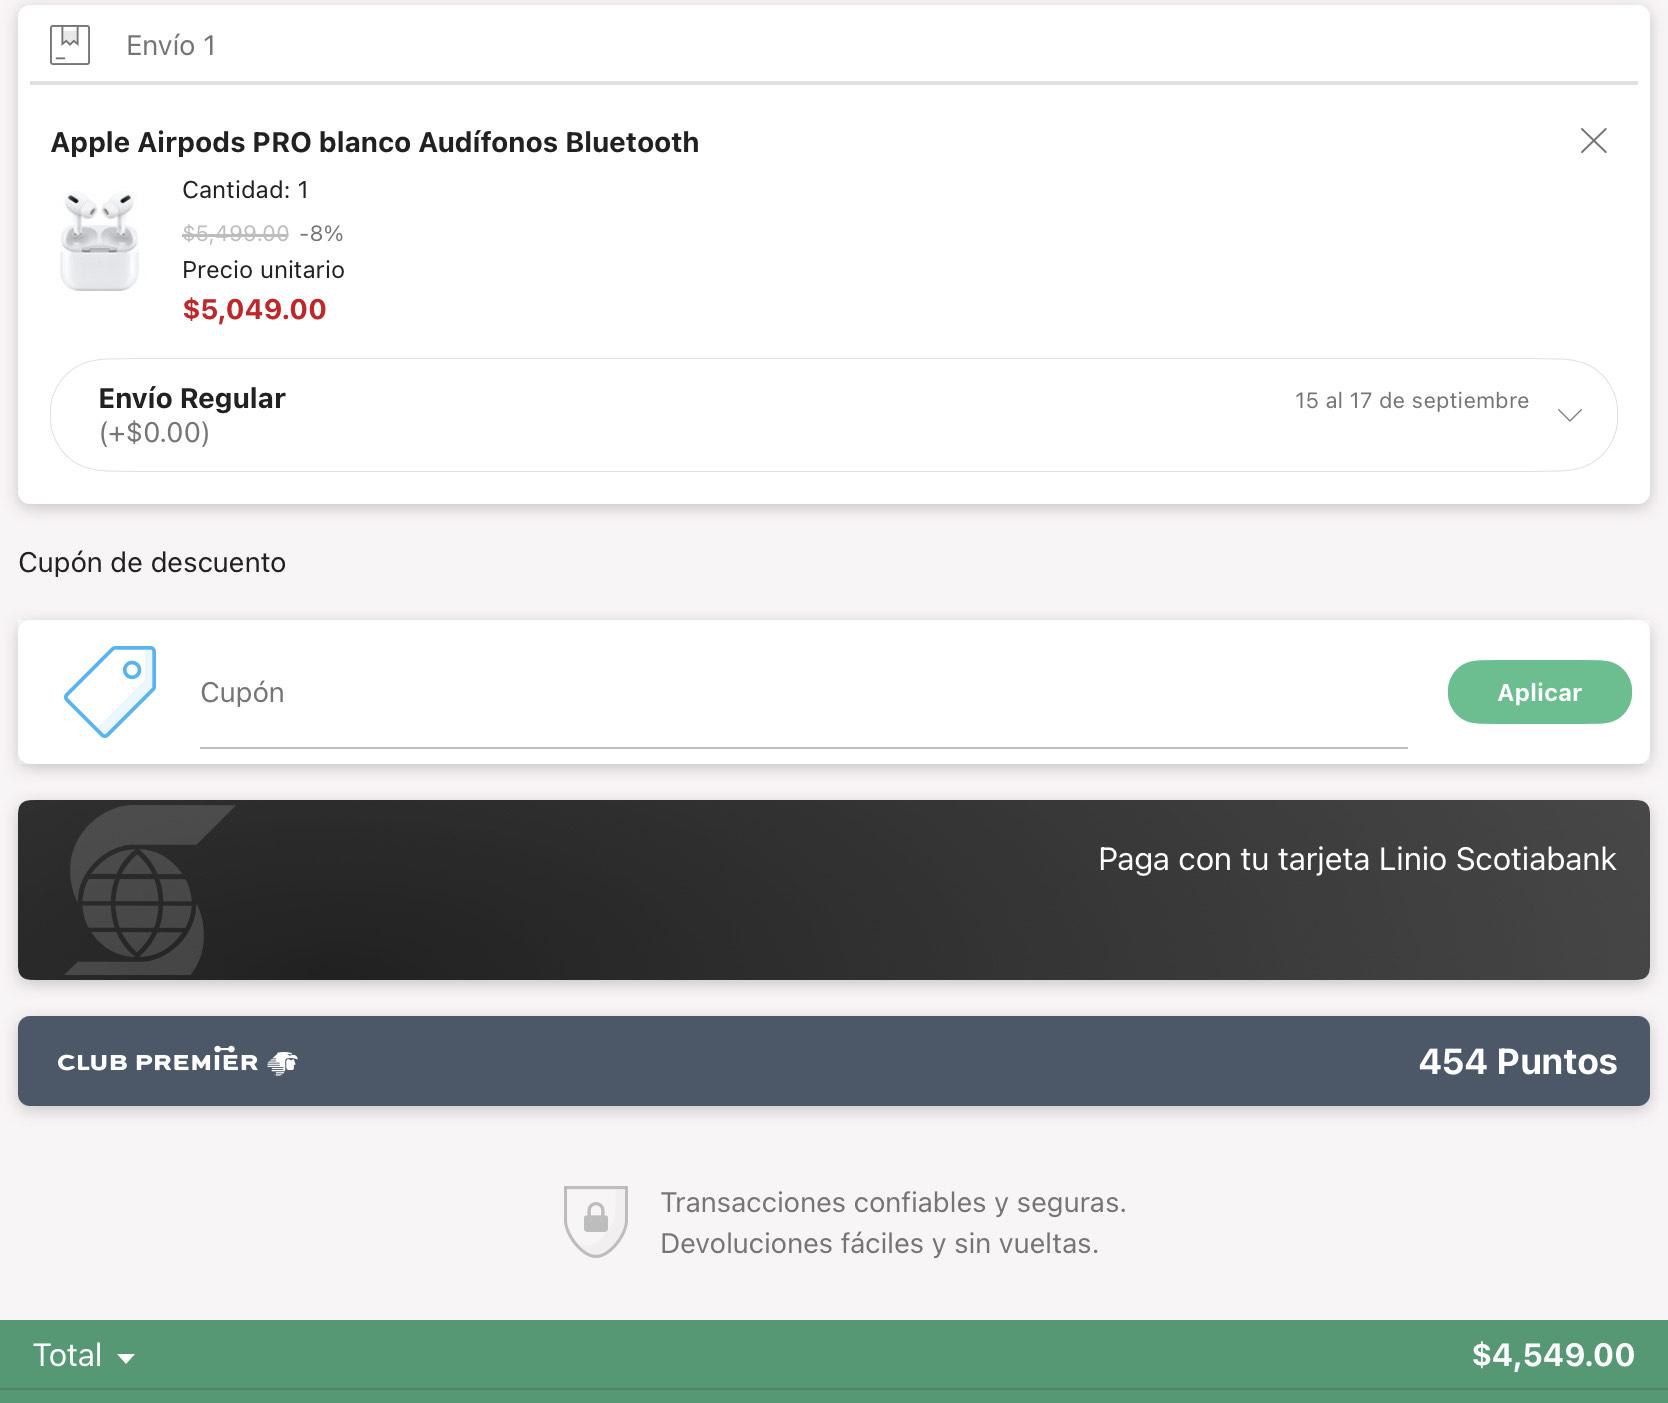 Linio App: Apple AirPods Pro 10 % pagando con PayPal